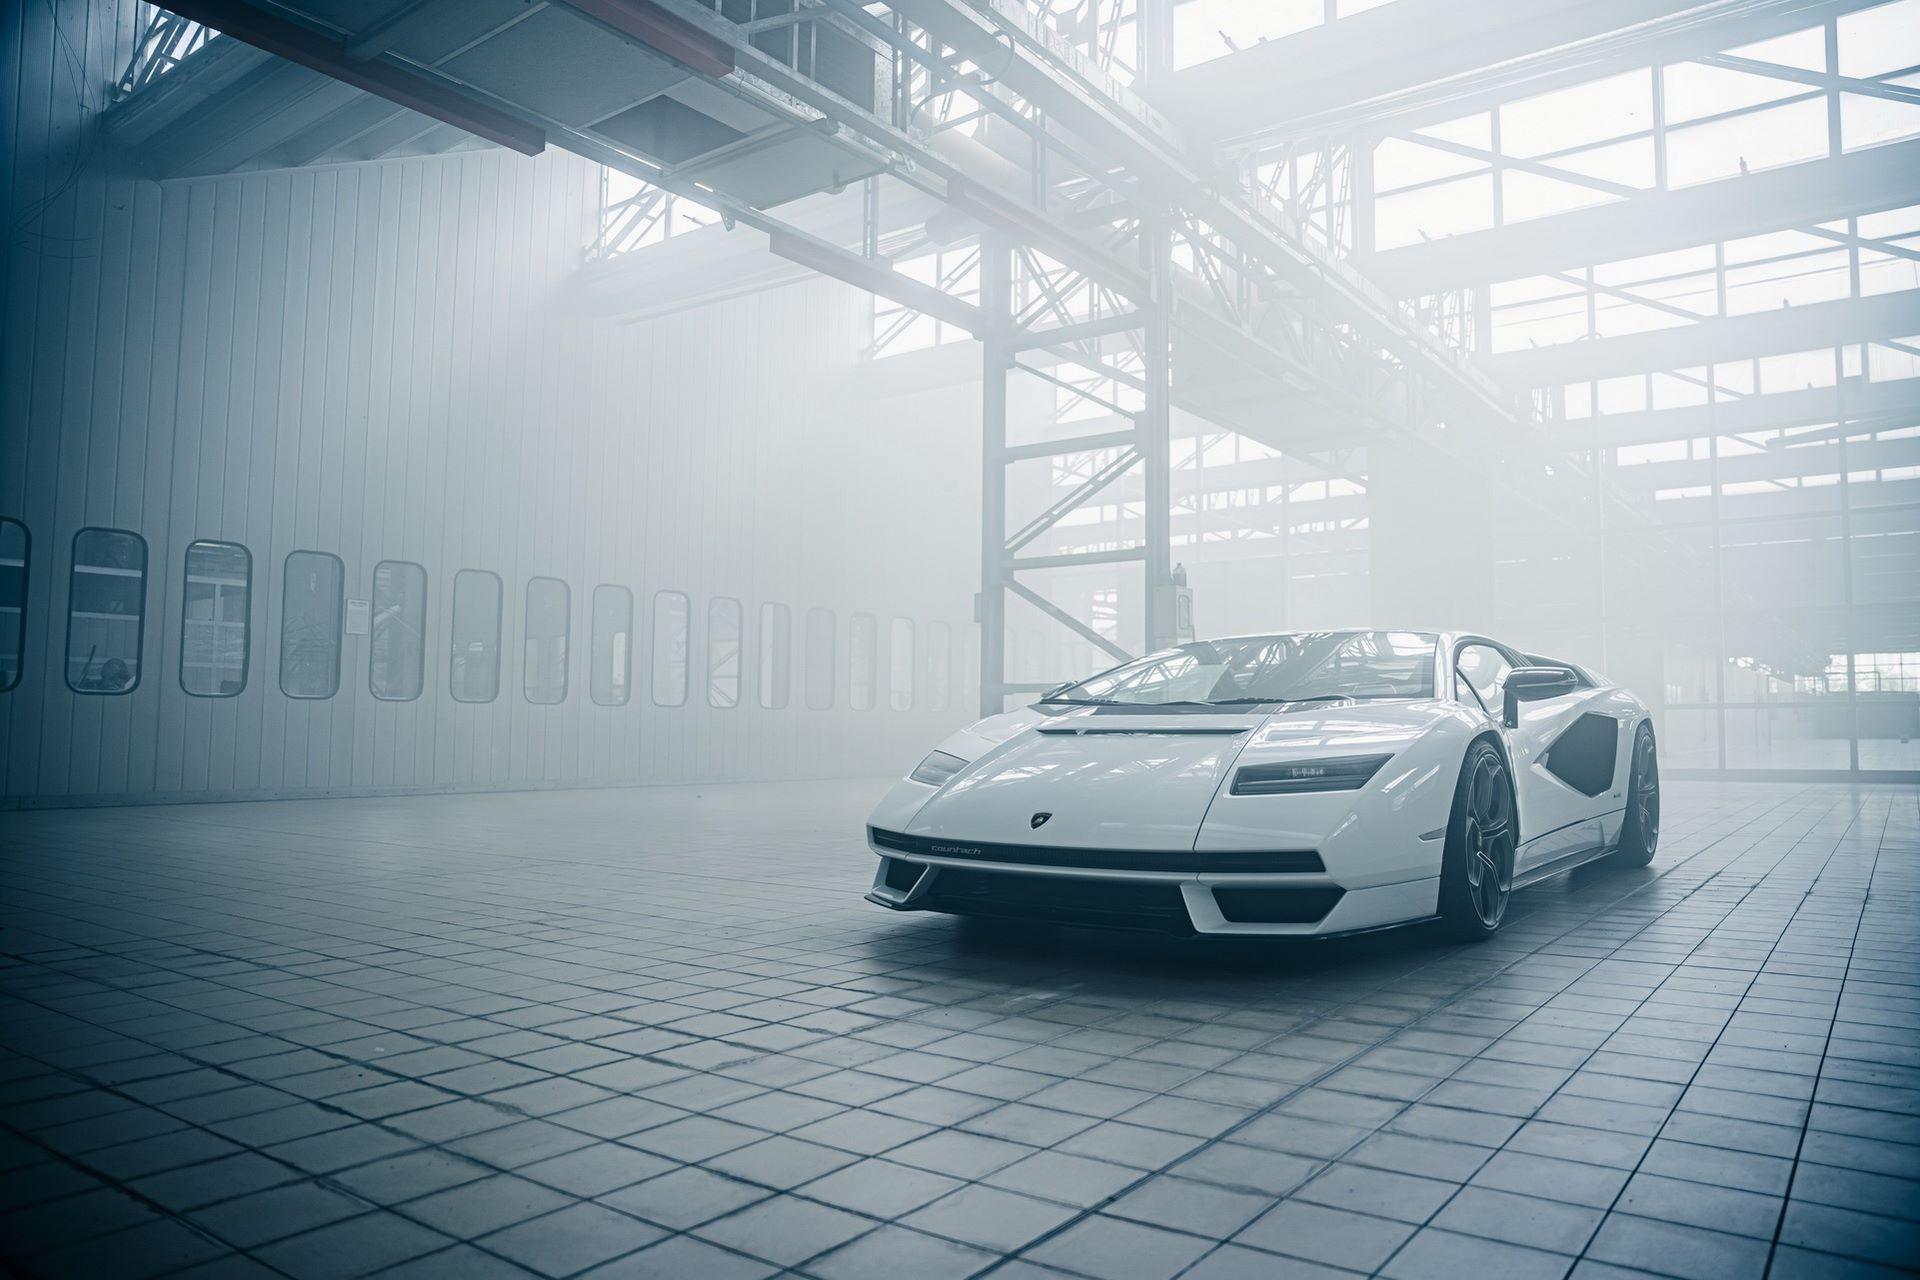 Lamborghini-Countach-LPI-800-4-50